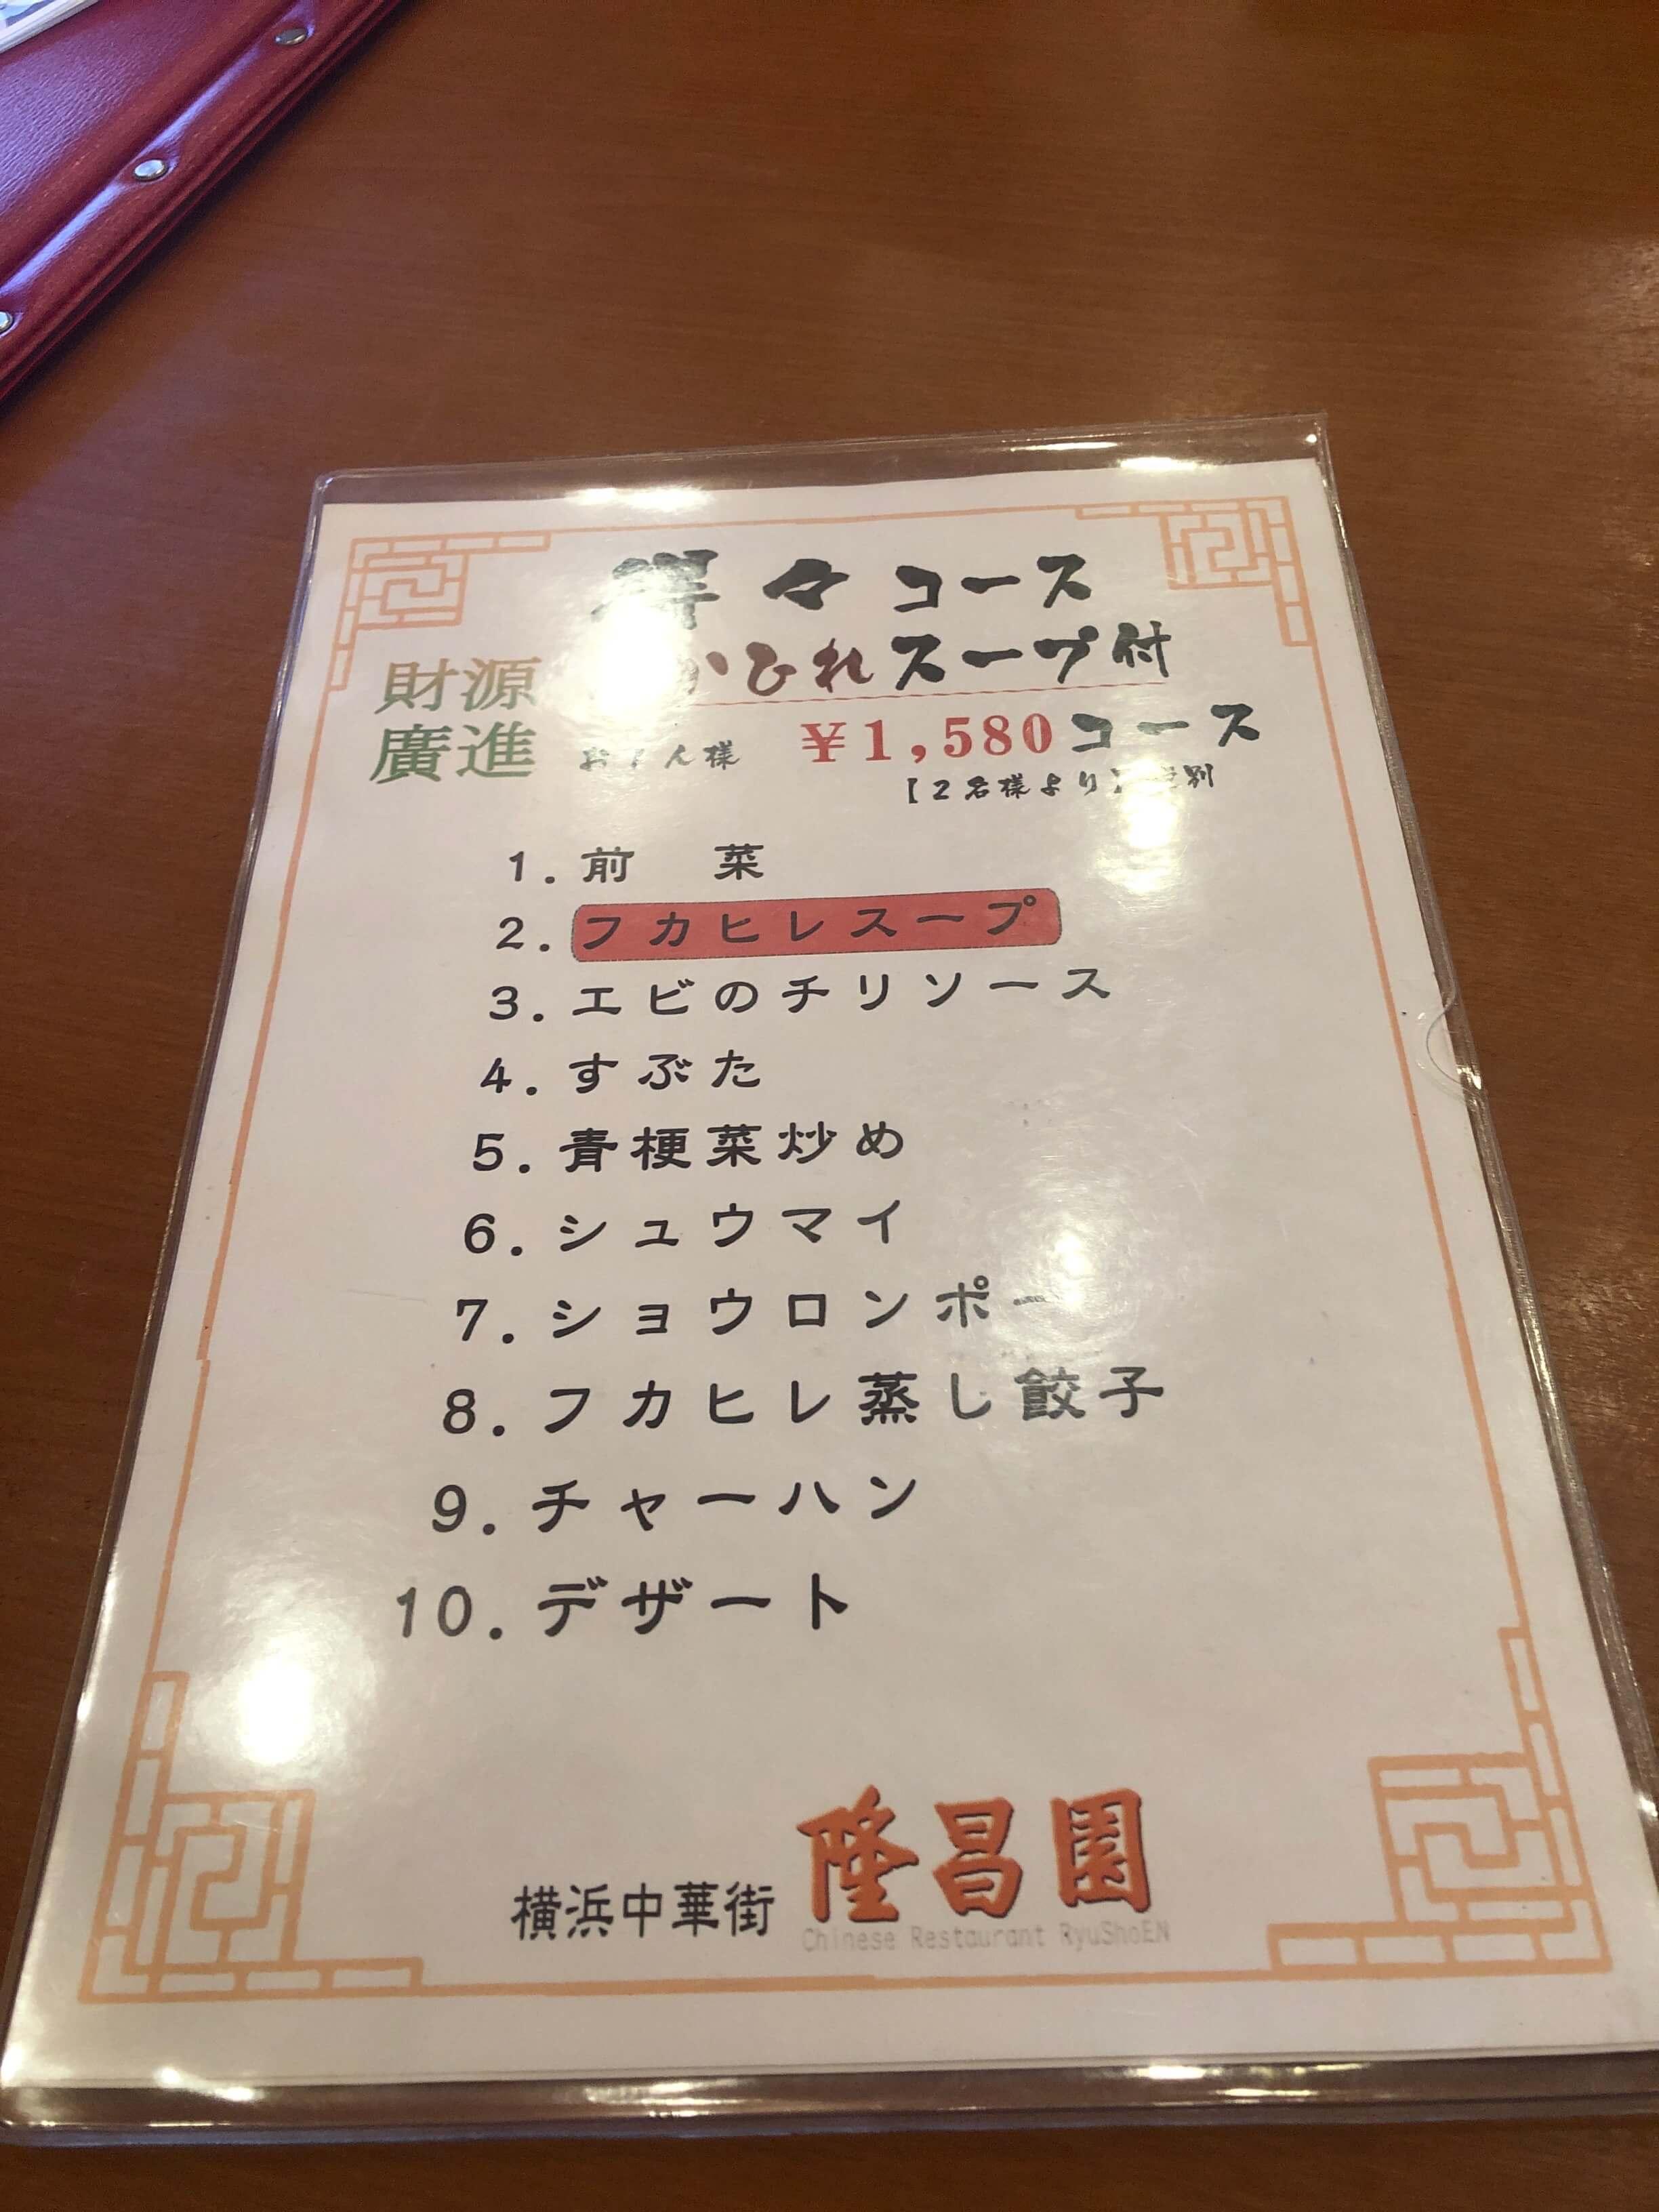 隆昌園 メニュー 2020.03.25